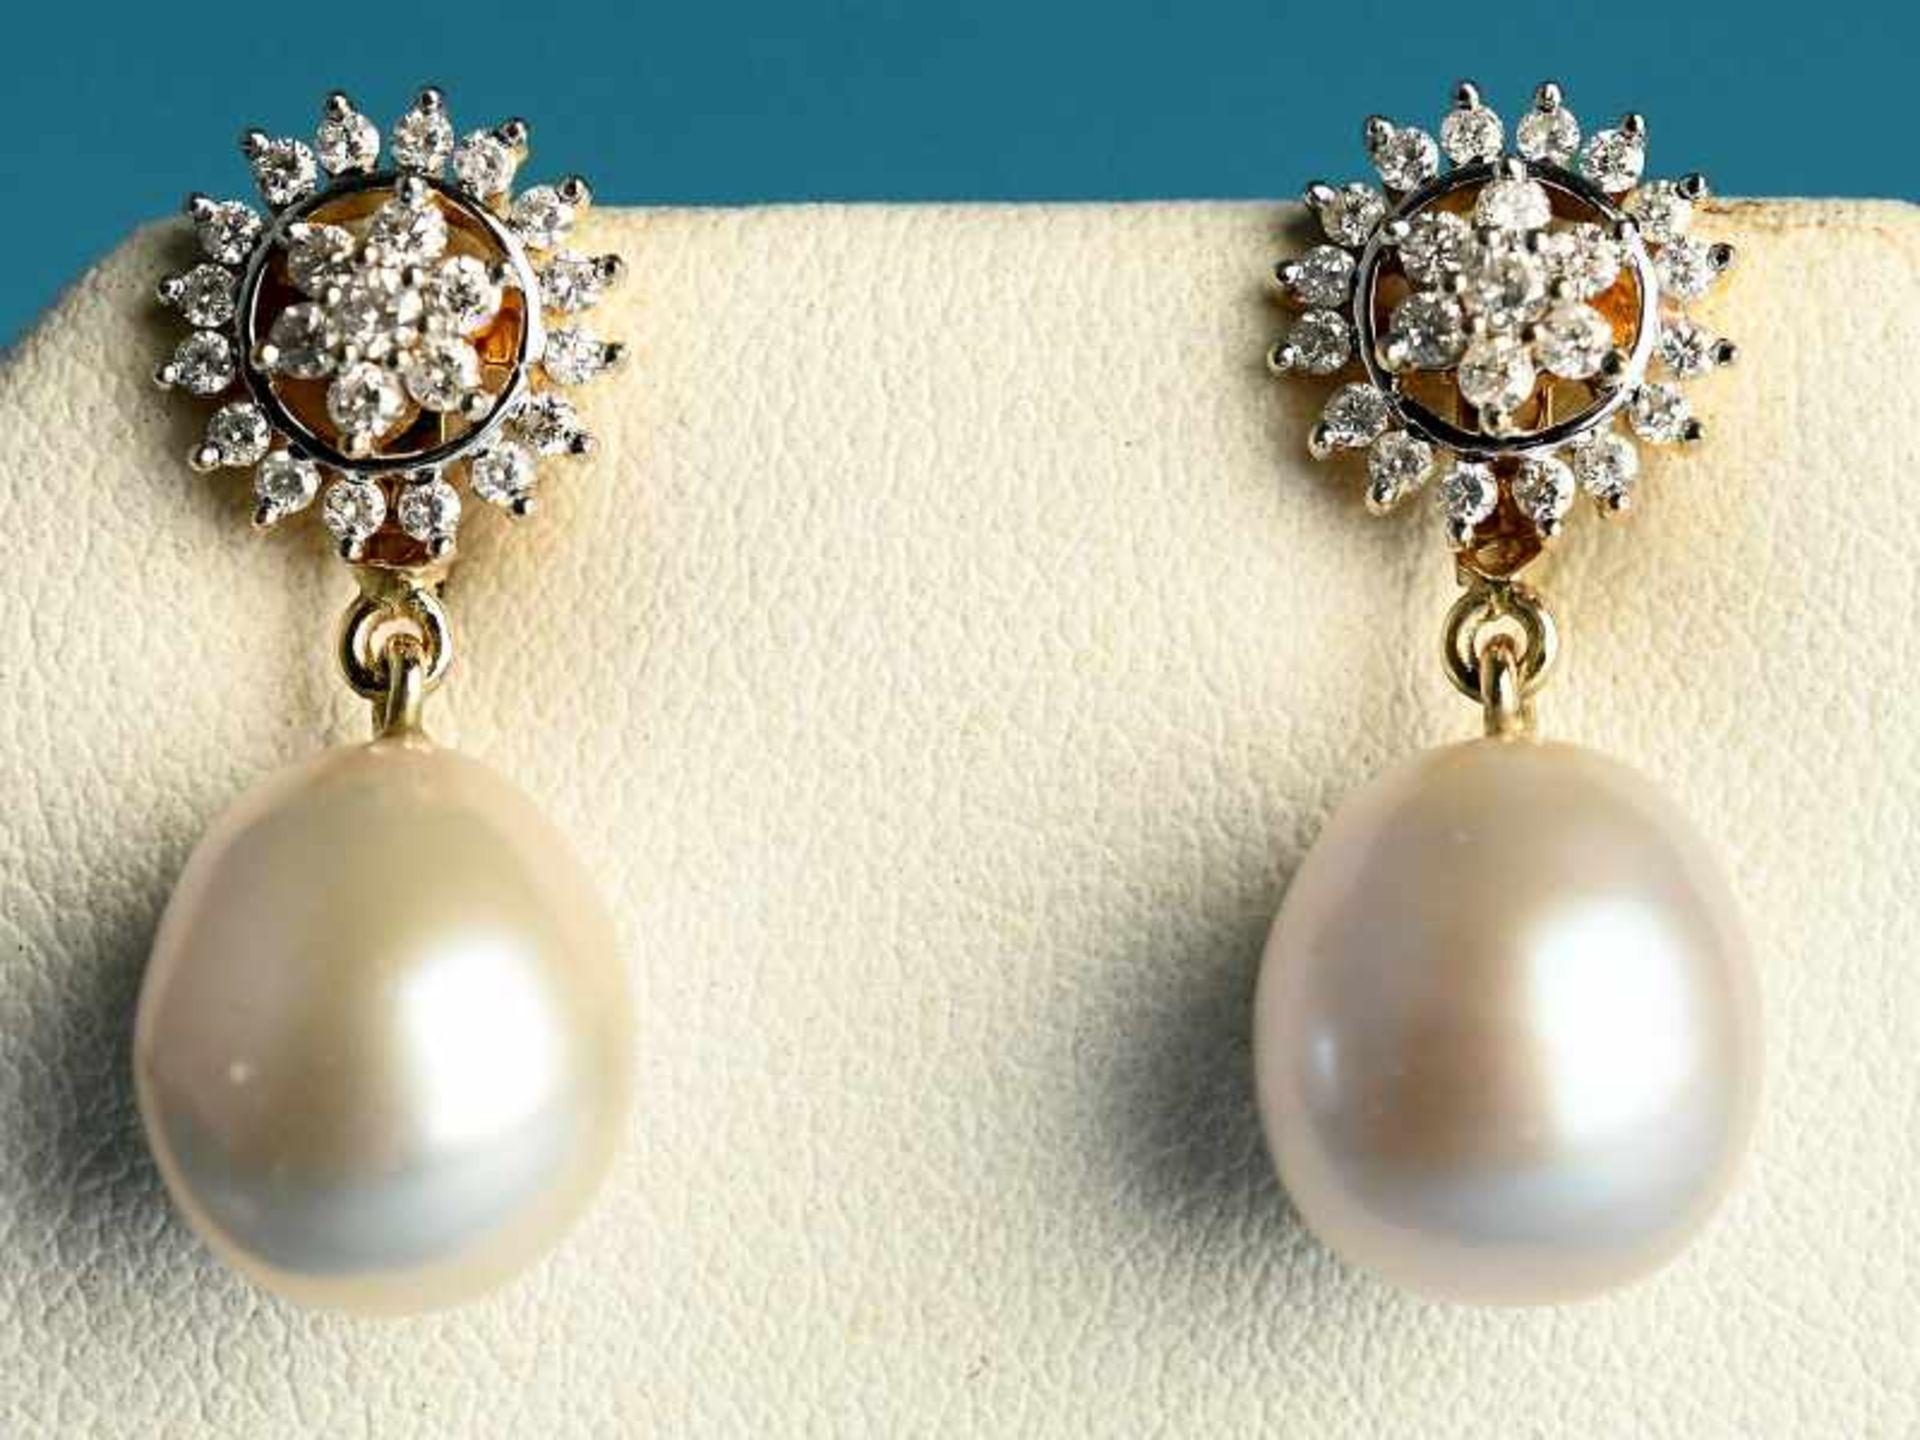 Paar Ohrgehänge mit Perlen und Brillanten, zusammen ca. 0,5 ct, 21. Jh. 585/- Gelbgold.